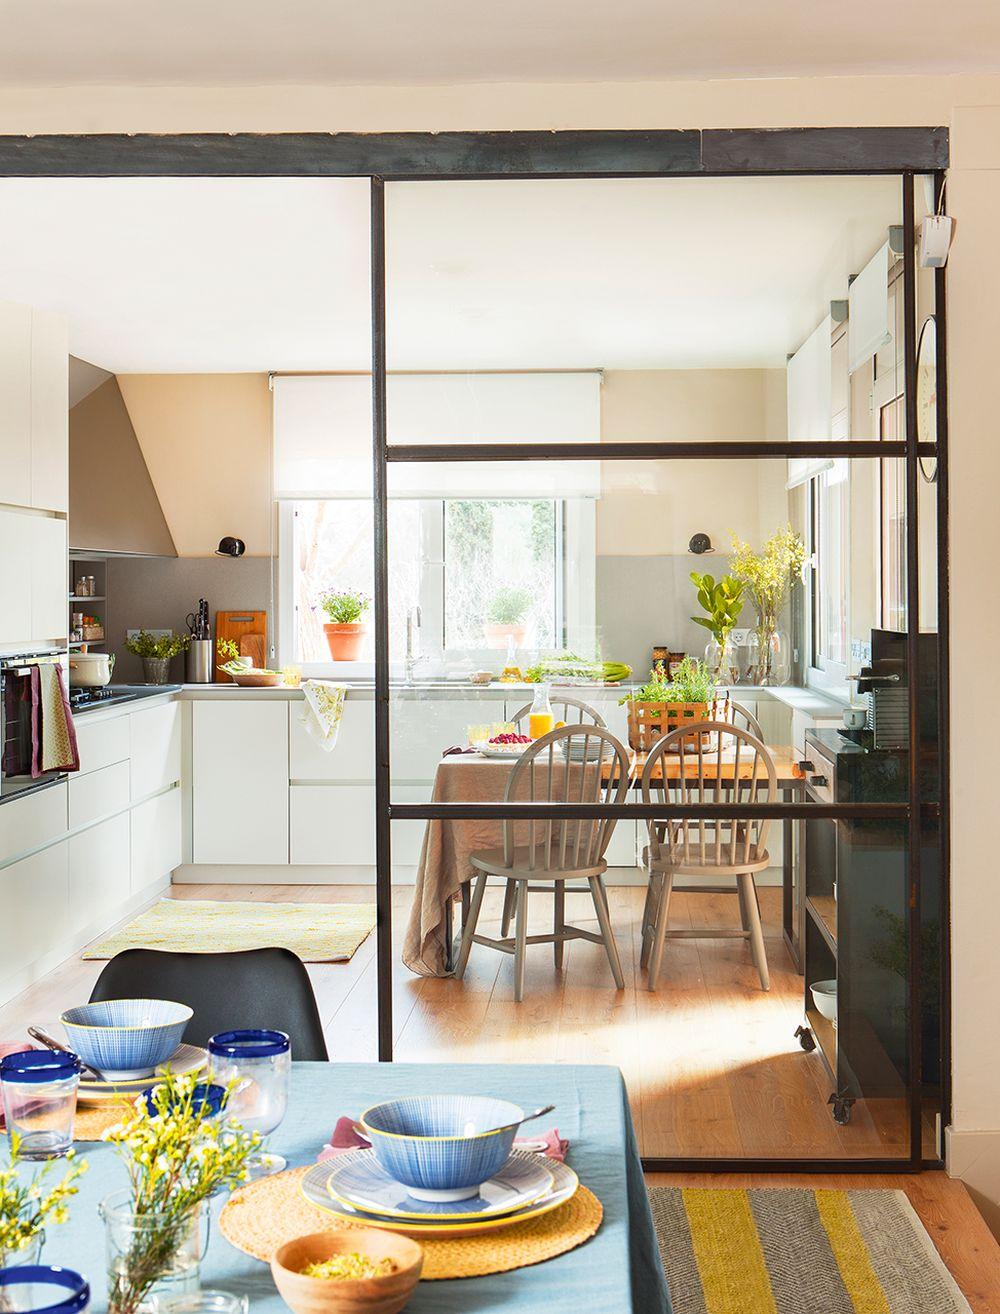 adelaparvu-com-despre-casa-renovata-ca-sa-fie-mai-luminoasa-spania-designer-martha-prats-foto-ferran-freixa-elmueble-13